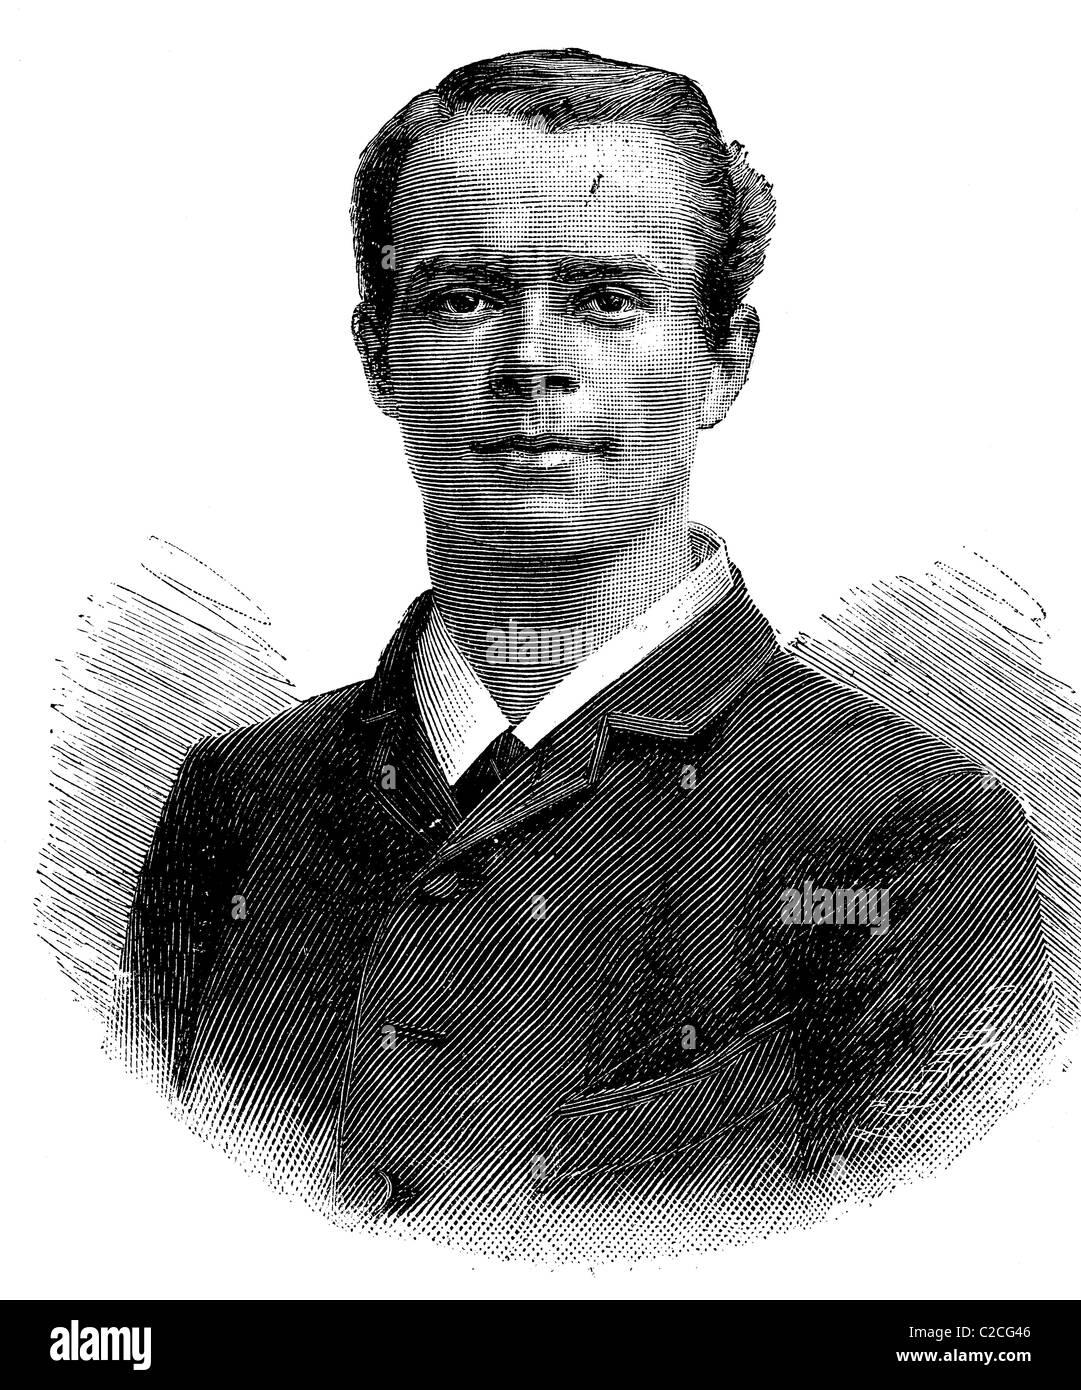 Otto Peitz, uno dei vincitori della distanza marzo Vienna - Berlino 1893, storico illustrazione circa 1893 Immagini Stock